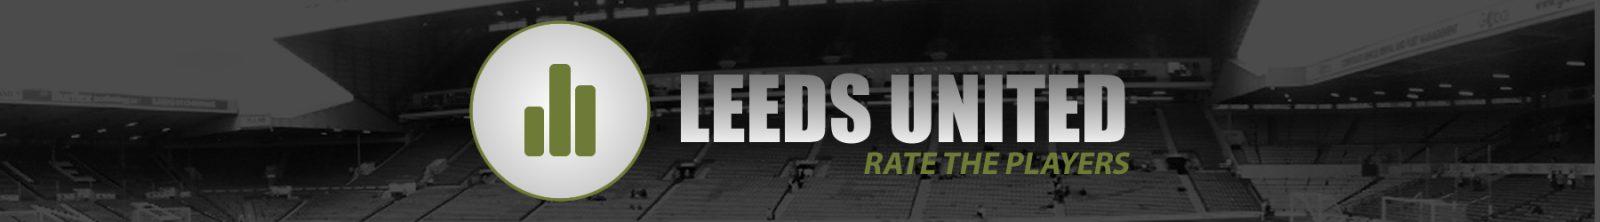 Rate Leeds United